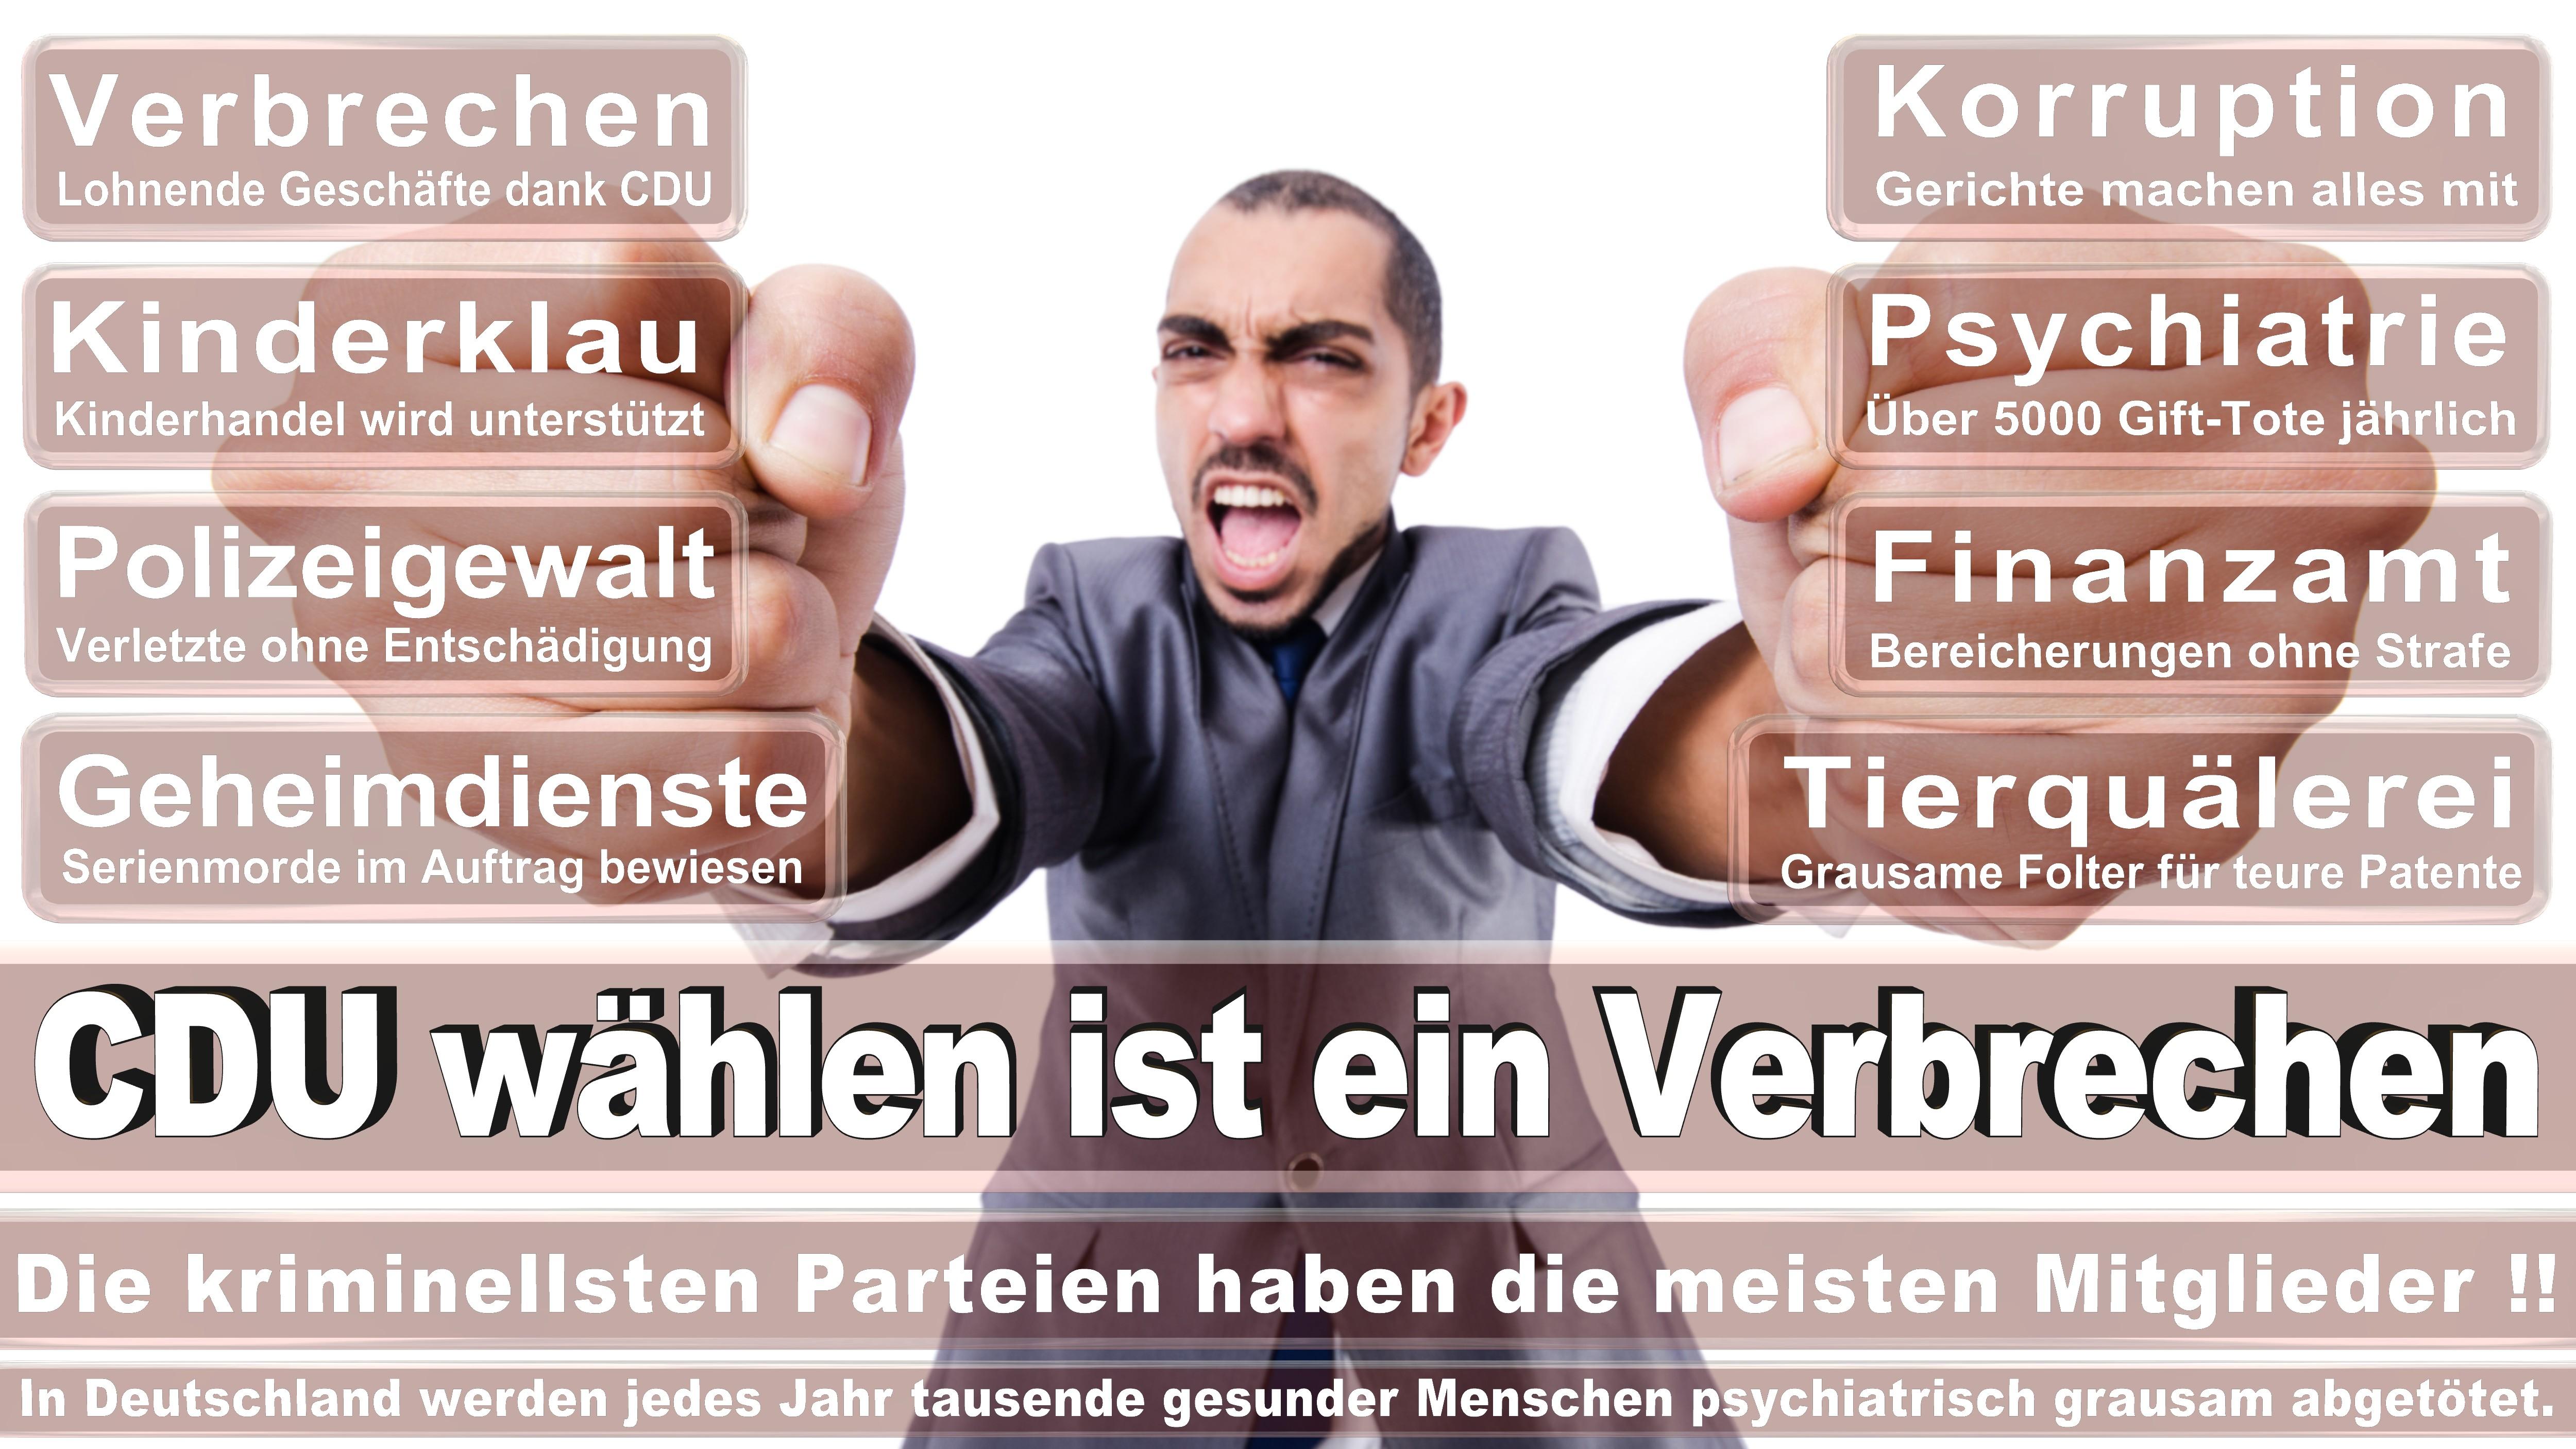 Katrin Kunert DIE LINKE Sachsen Anhalt Politiker Deutschland